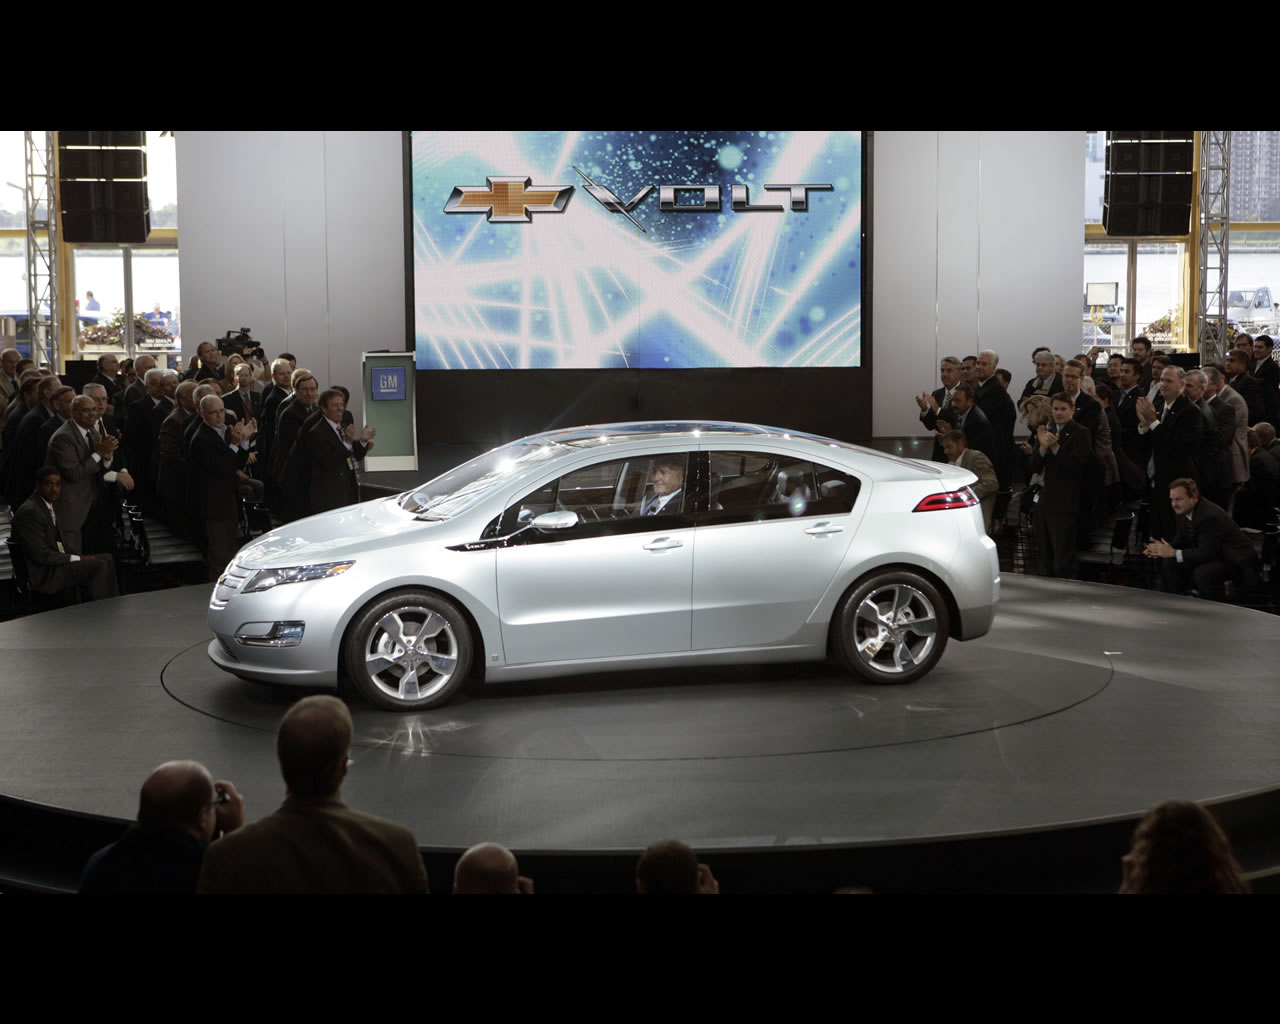 General Motors Chevrolet Volt Production Show Car 2011